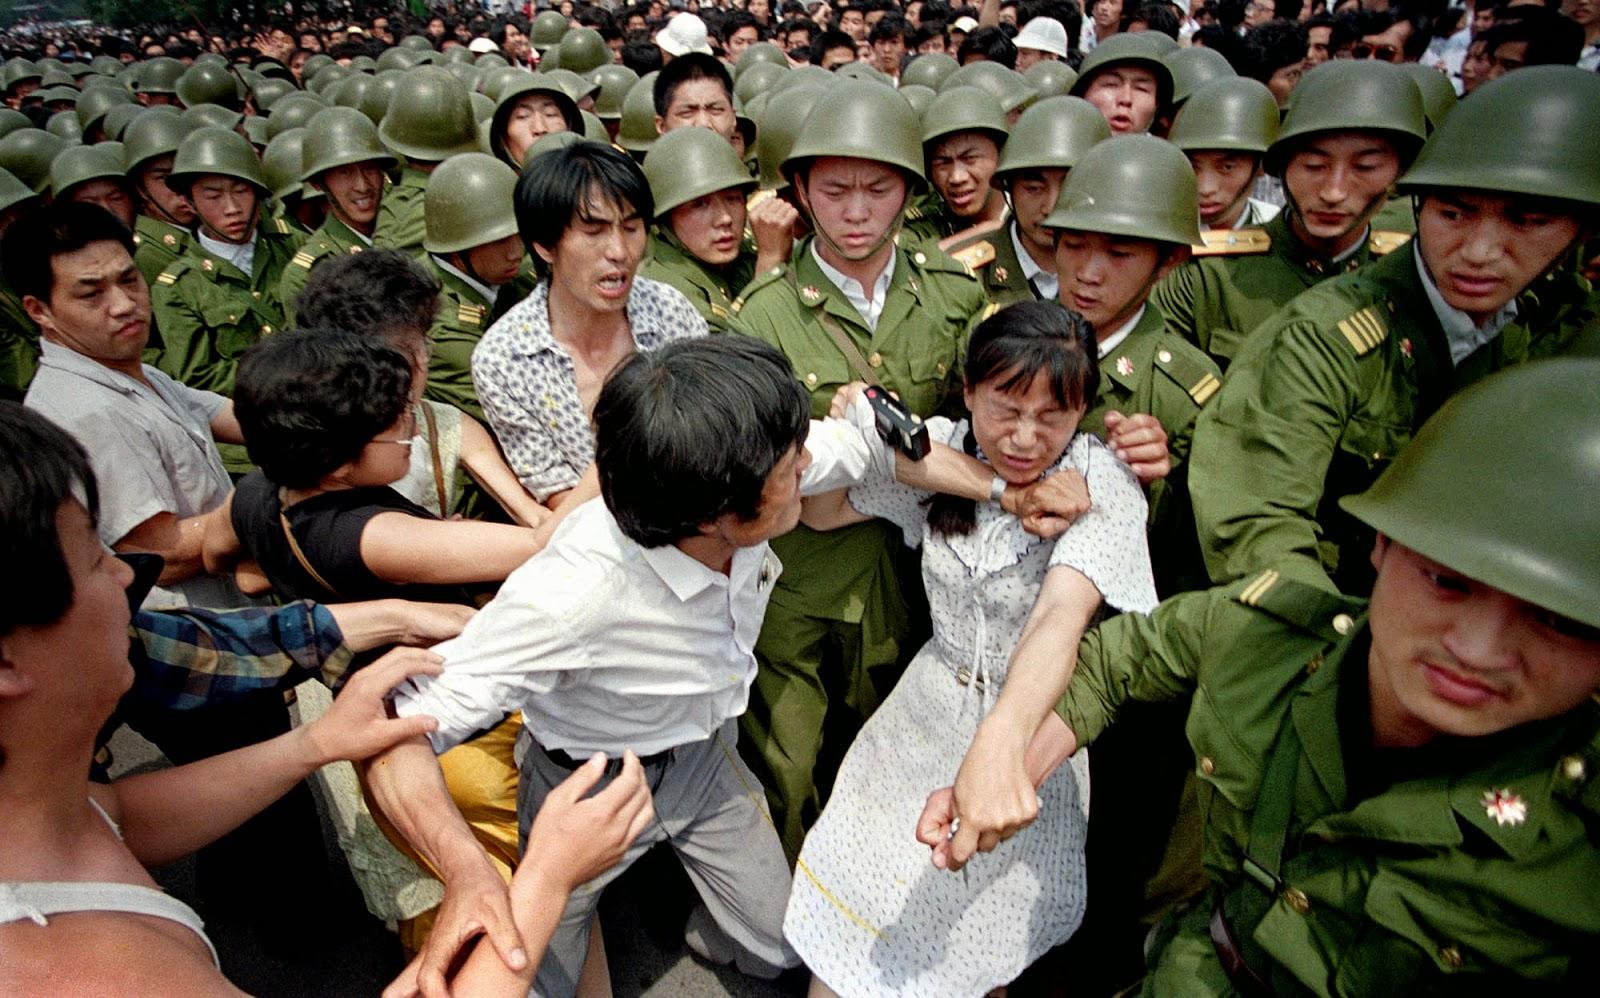 Masacre Plaza de Tiananmén 1989